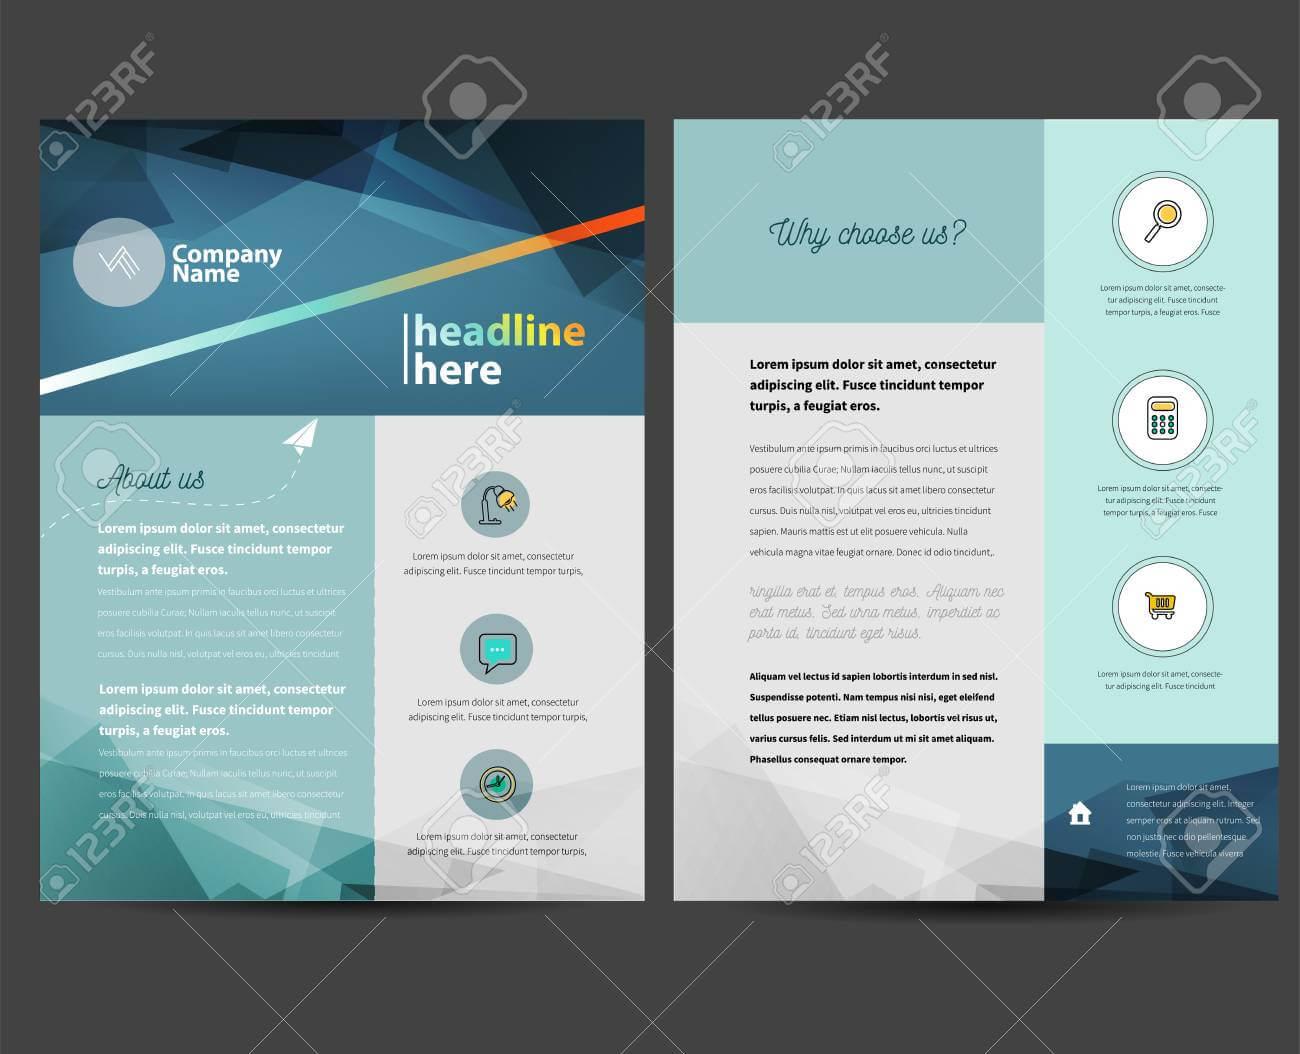 Brochure Or Flyer Design Template In Letter Size Inside Letter Size Brochure Template